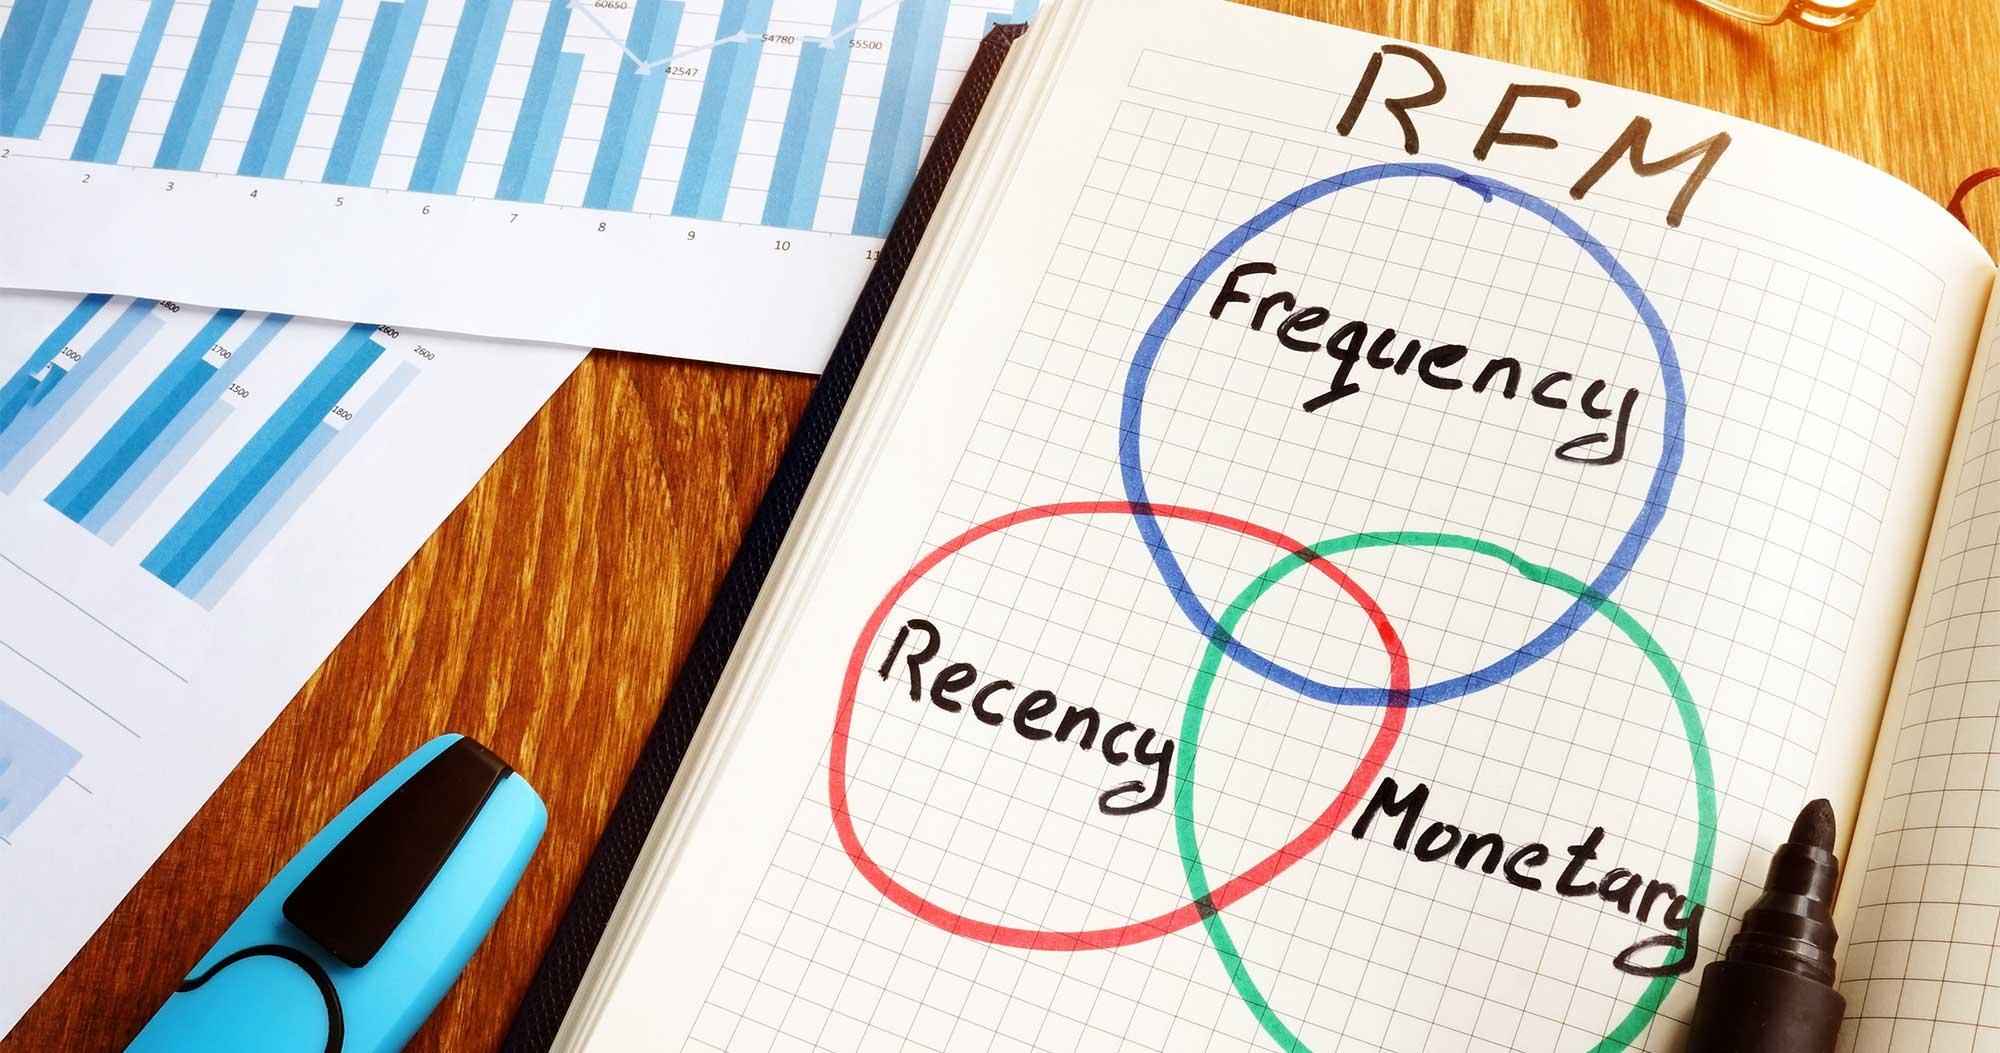 RFM分析とは?実施のメリットから注意点までを解説